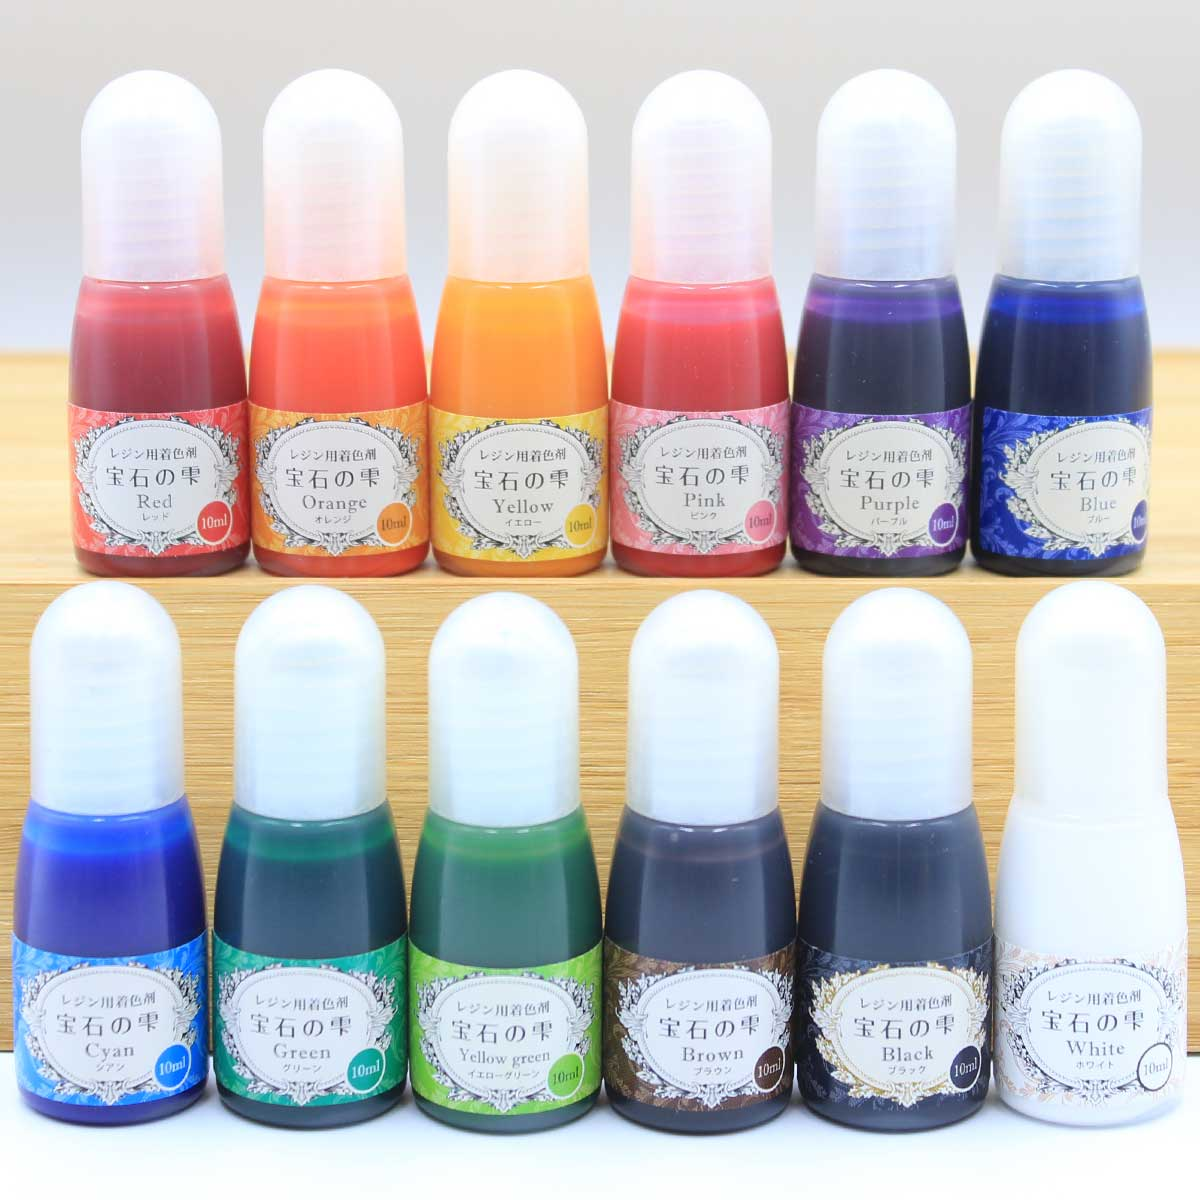 送料無料 レジン着色剤 UVレジン 宝石の雫 セット レジン液 パジコ 着色剤 ネコポス送料無料 レジン 着色料 ついに再販開始 12色セット 新商品